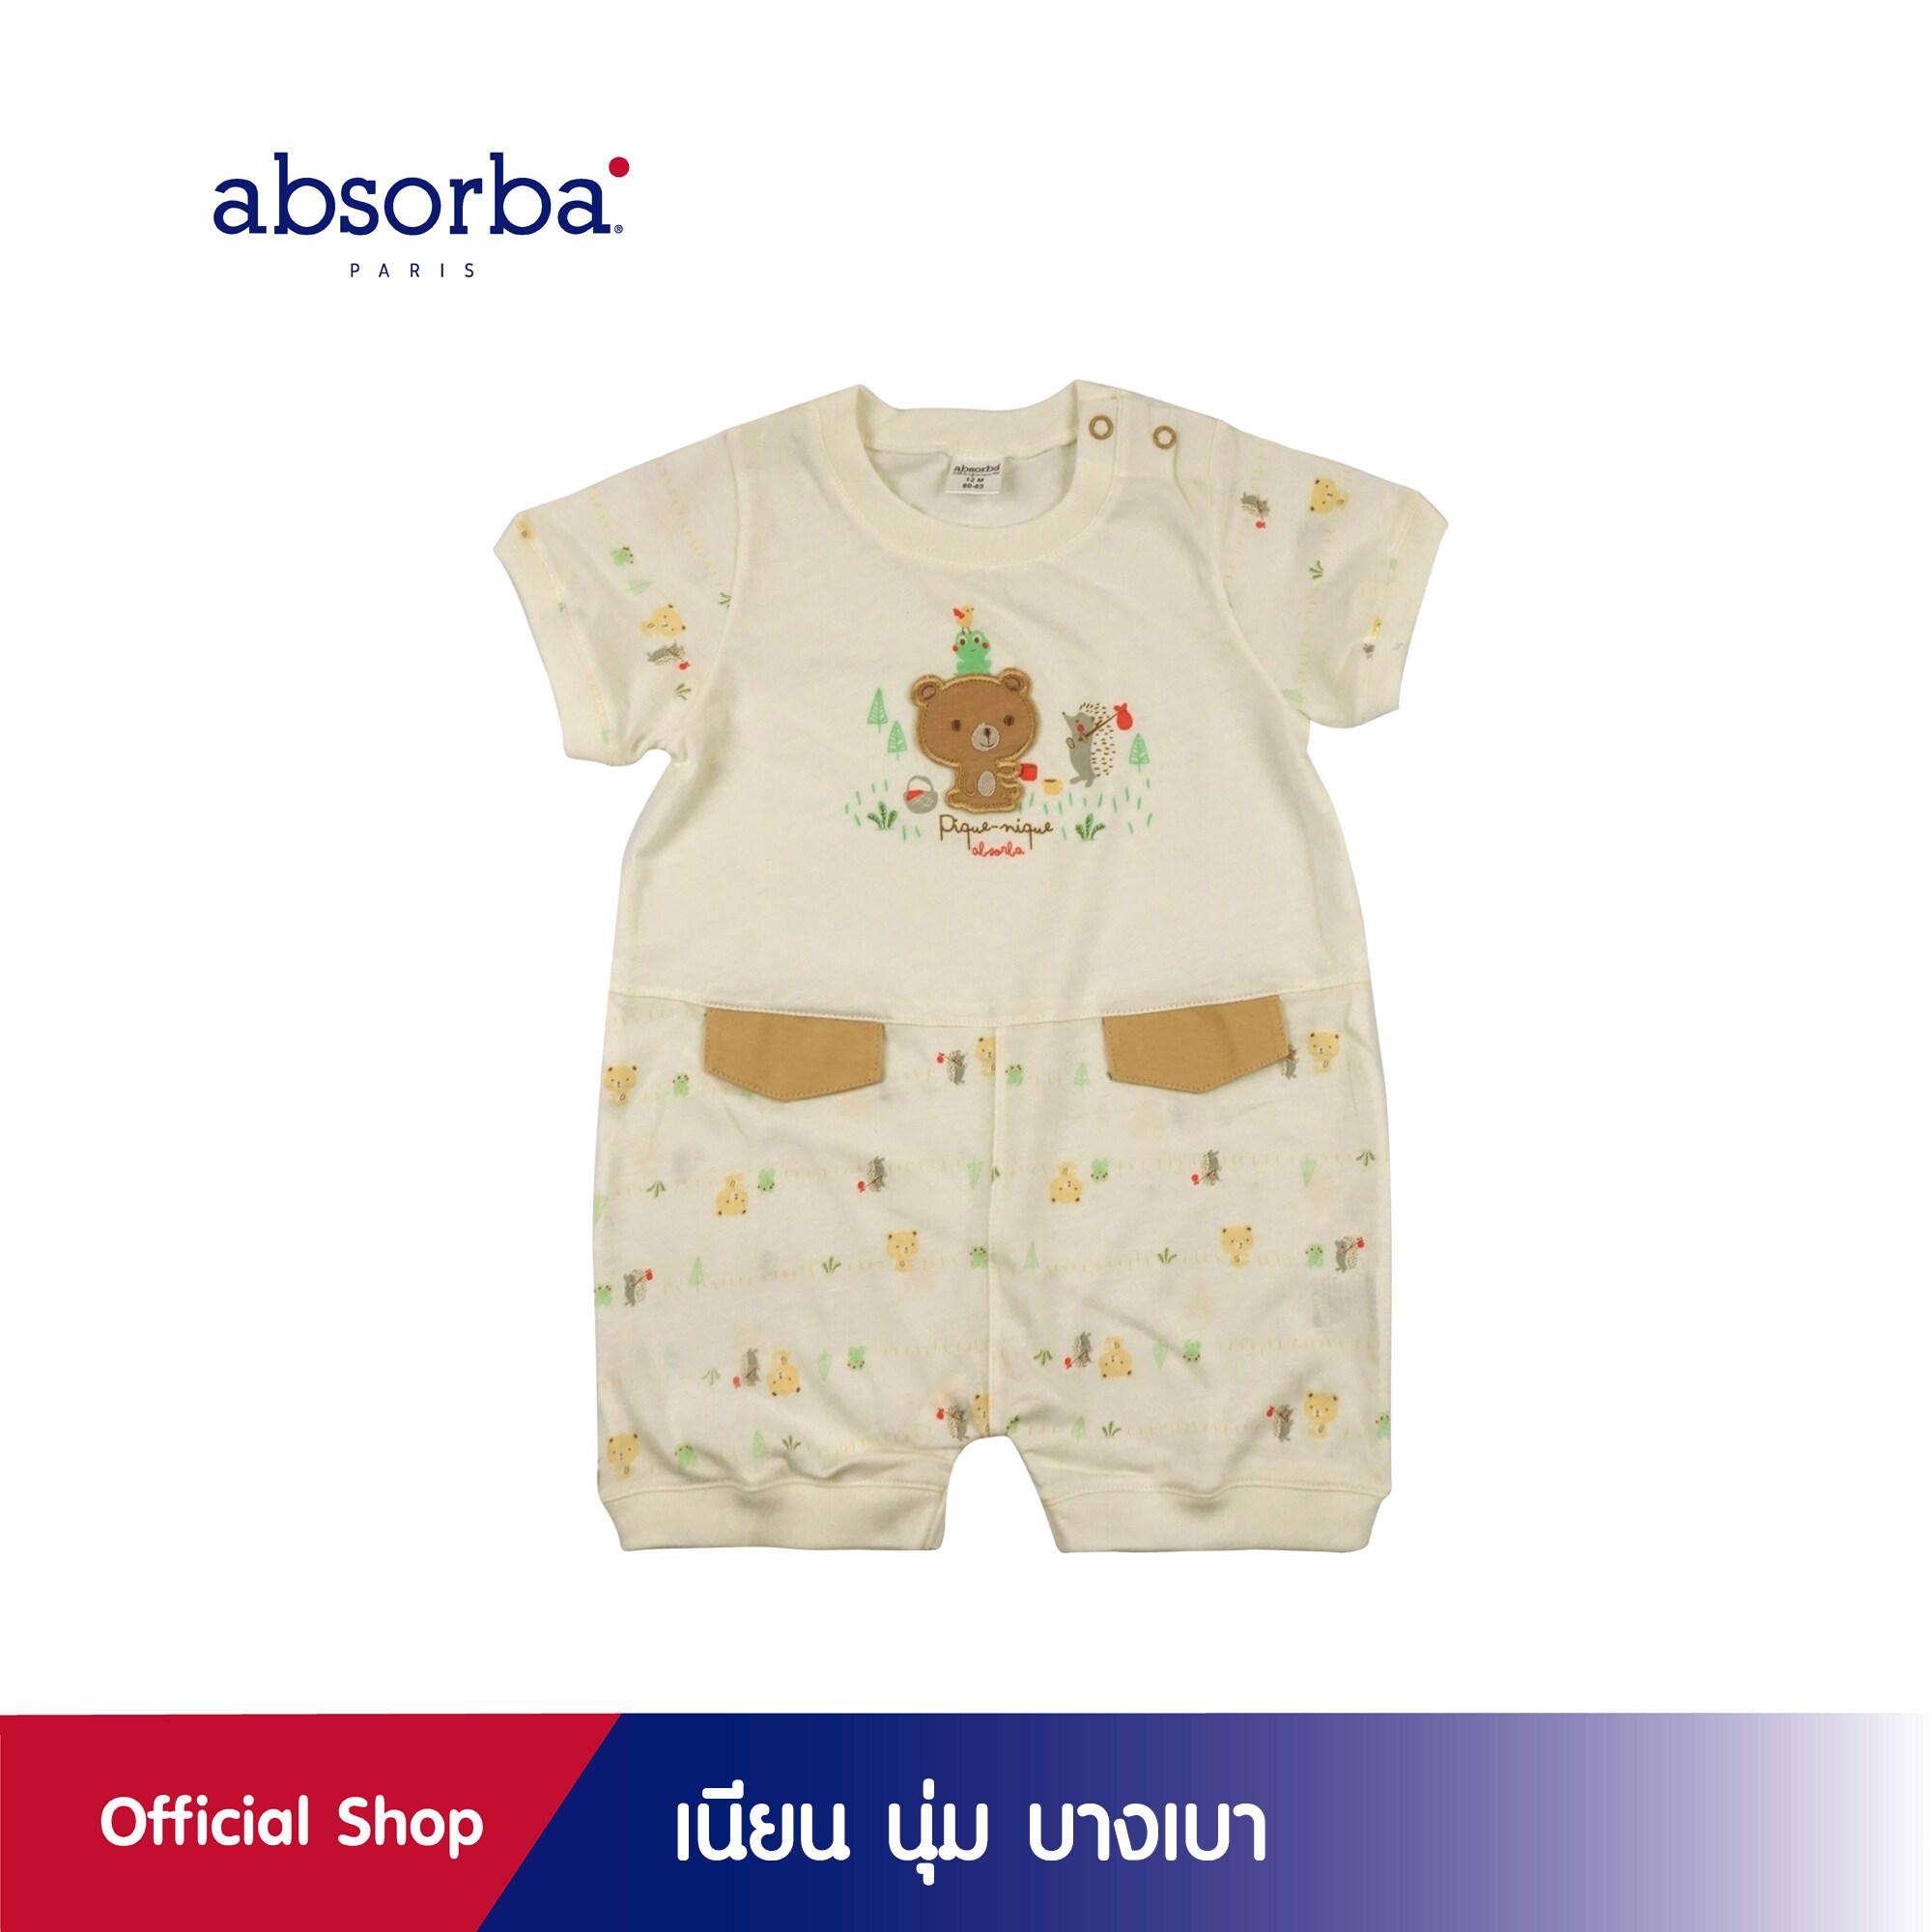 แนะนำ absorba (แอ๊บซอร์บา) ชุดหมีขาสั้นเด็กชาย คอลเลคชั่น PIQUE NIQE สำหรับเด็กอายุ 3 เดือน ถึง 2 ปี - R1U9034CR ชุดเด็กผู้ชาย